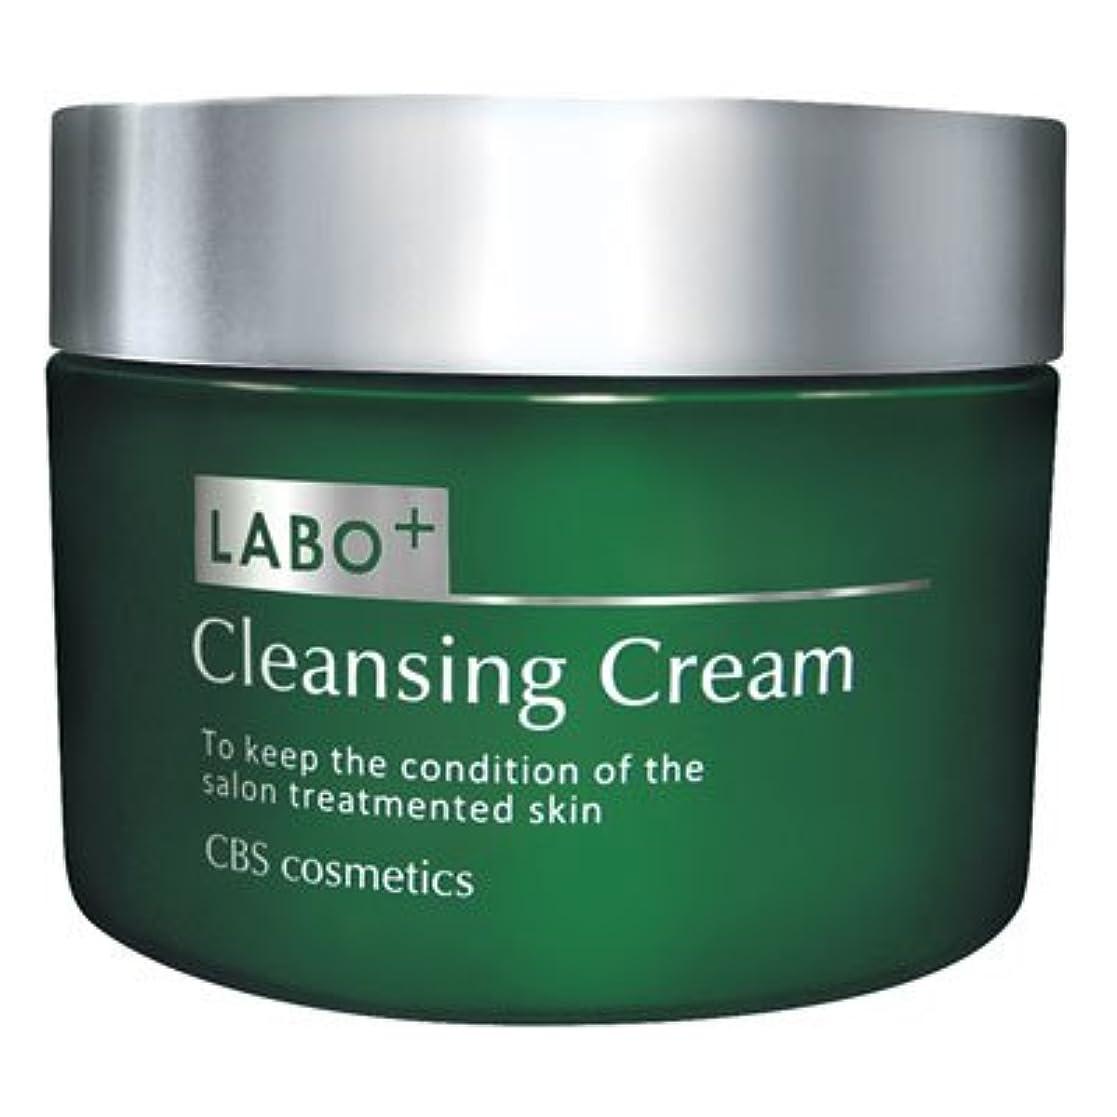 潜在的な復讐成人期お得な2個セット お肌に優しいクリームタイプ LABO+ ラボプラス クレンジングクリーム 180g